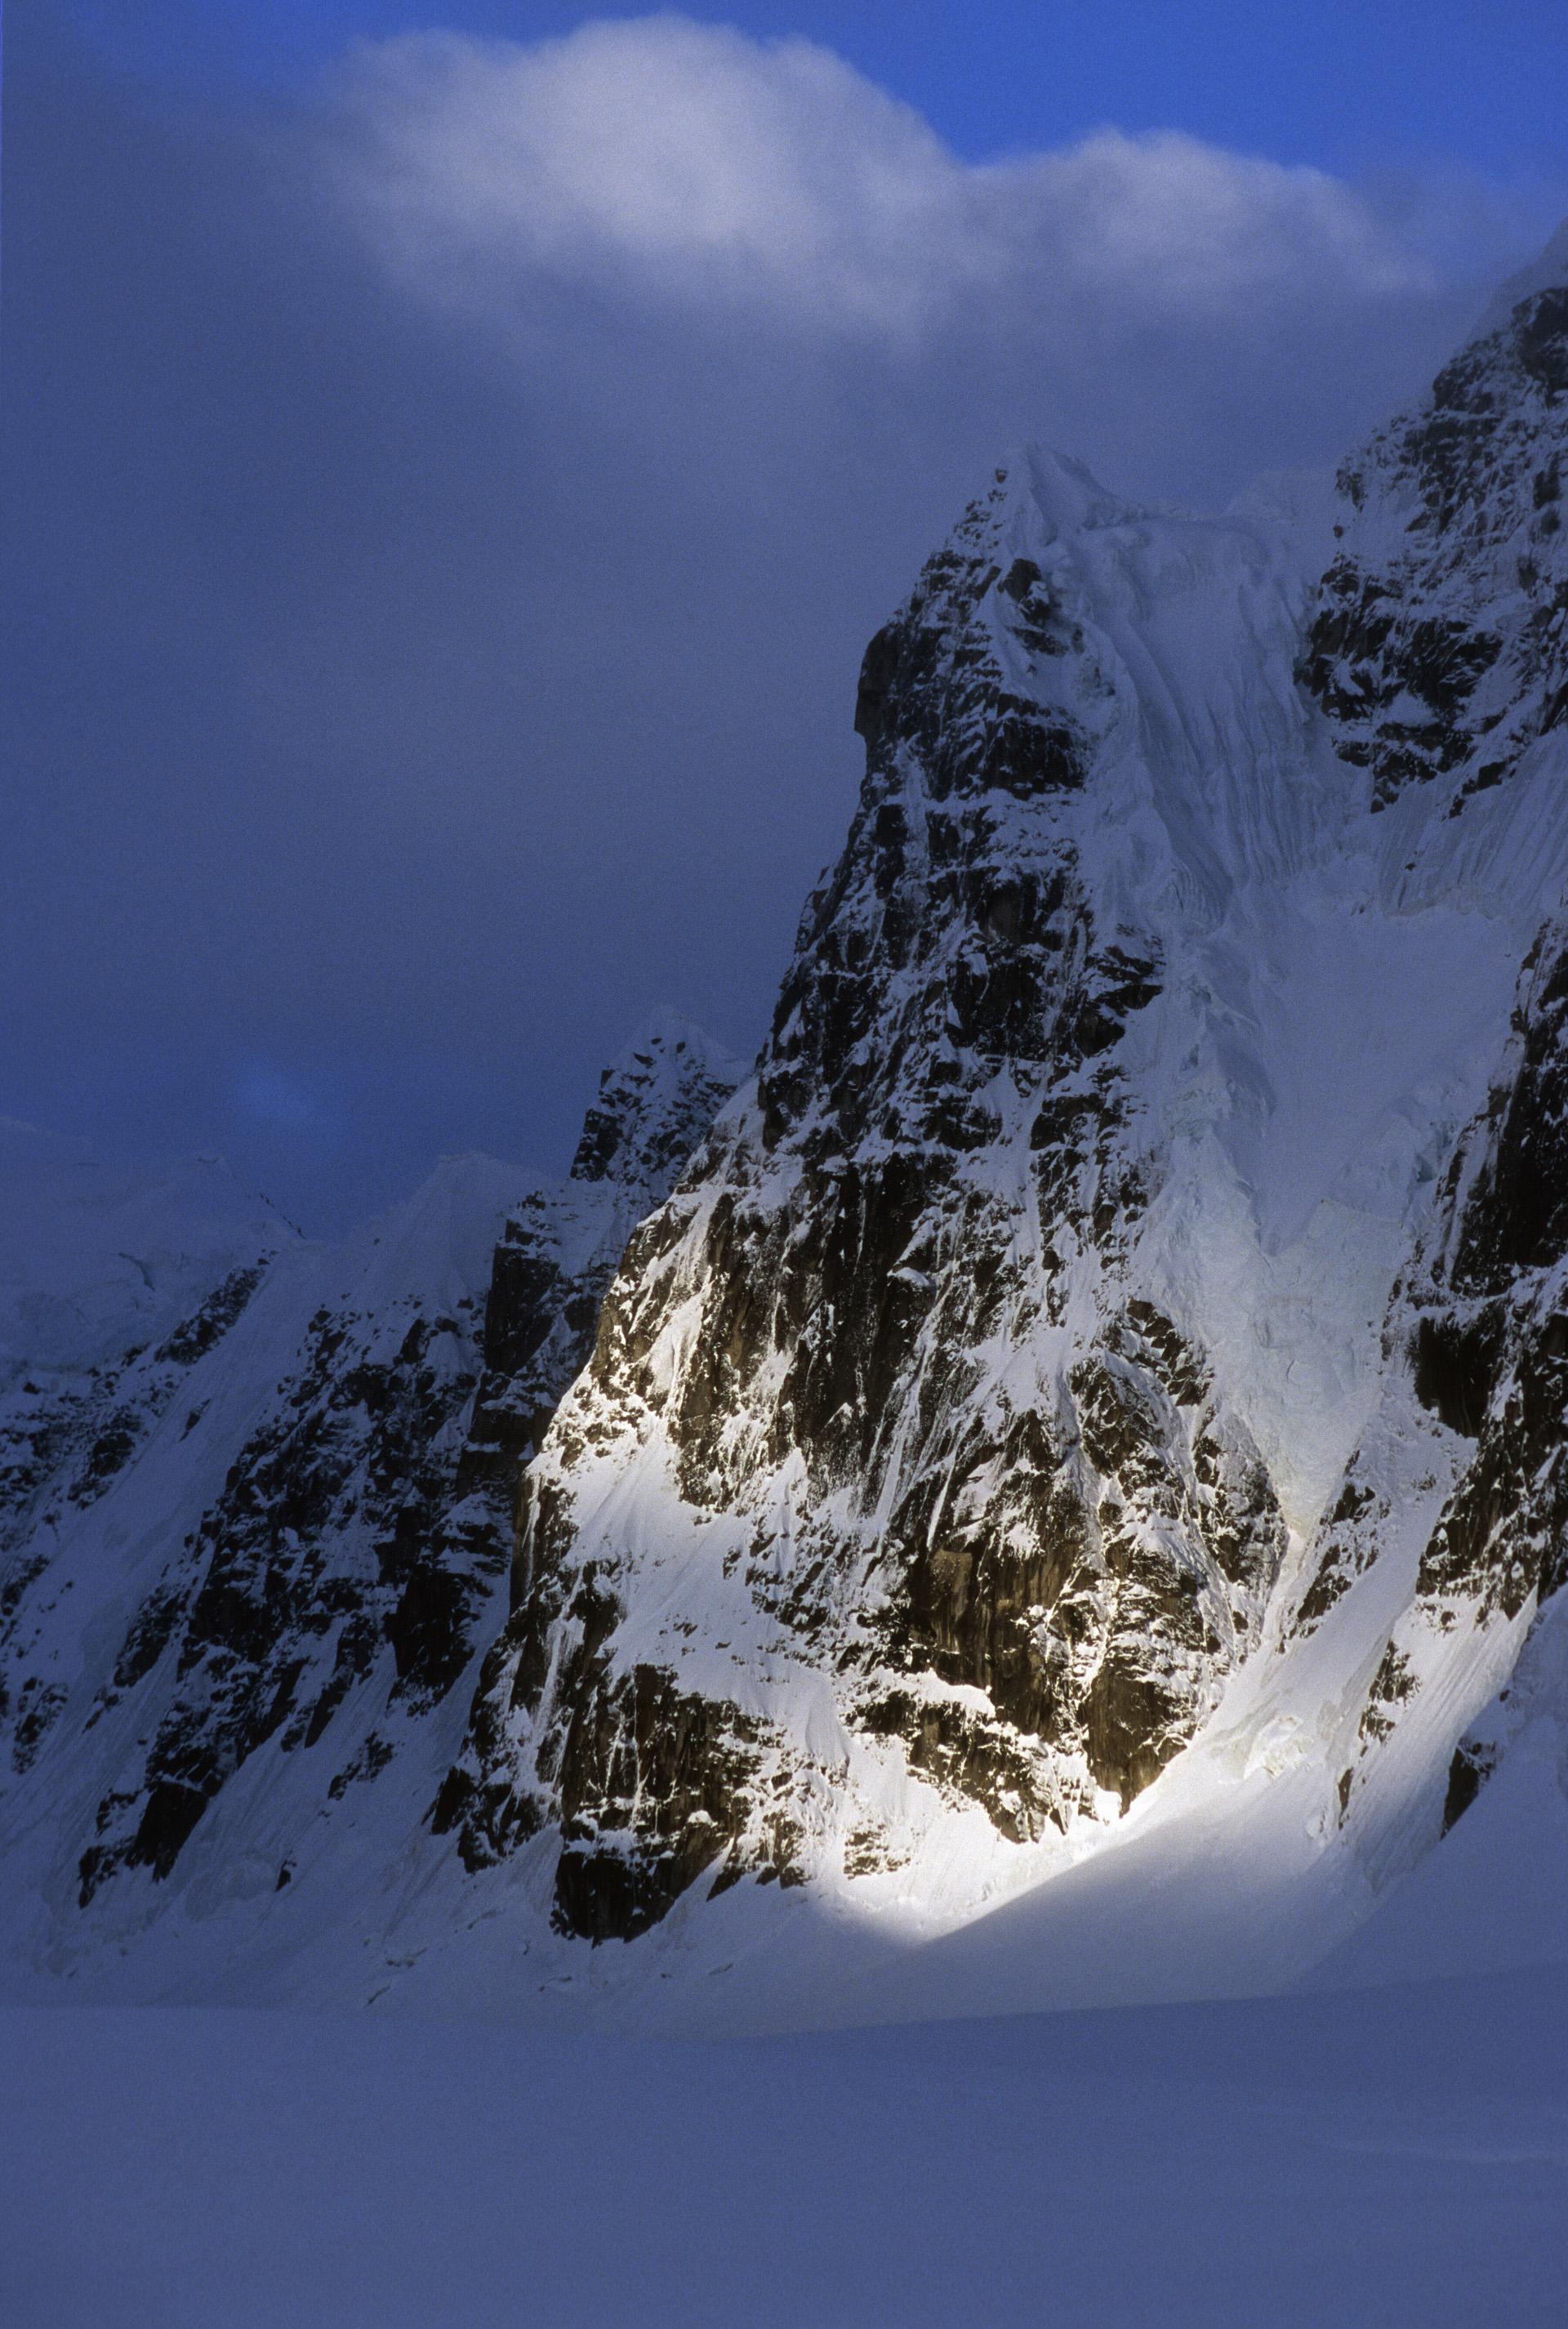 Mt, Hunter north pillar